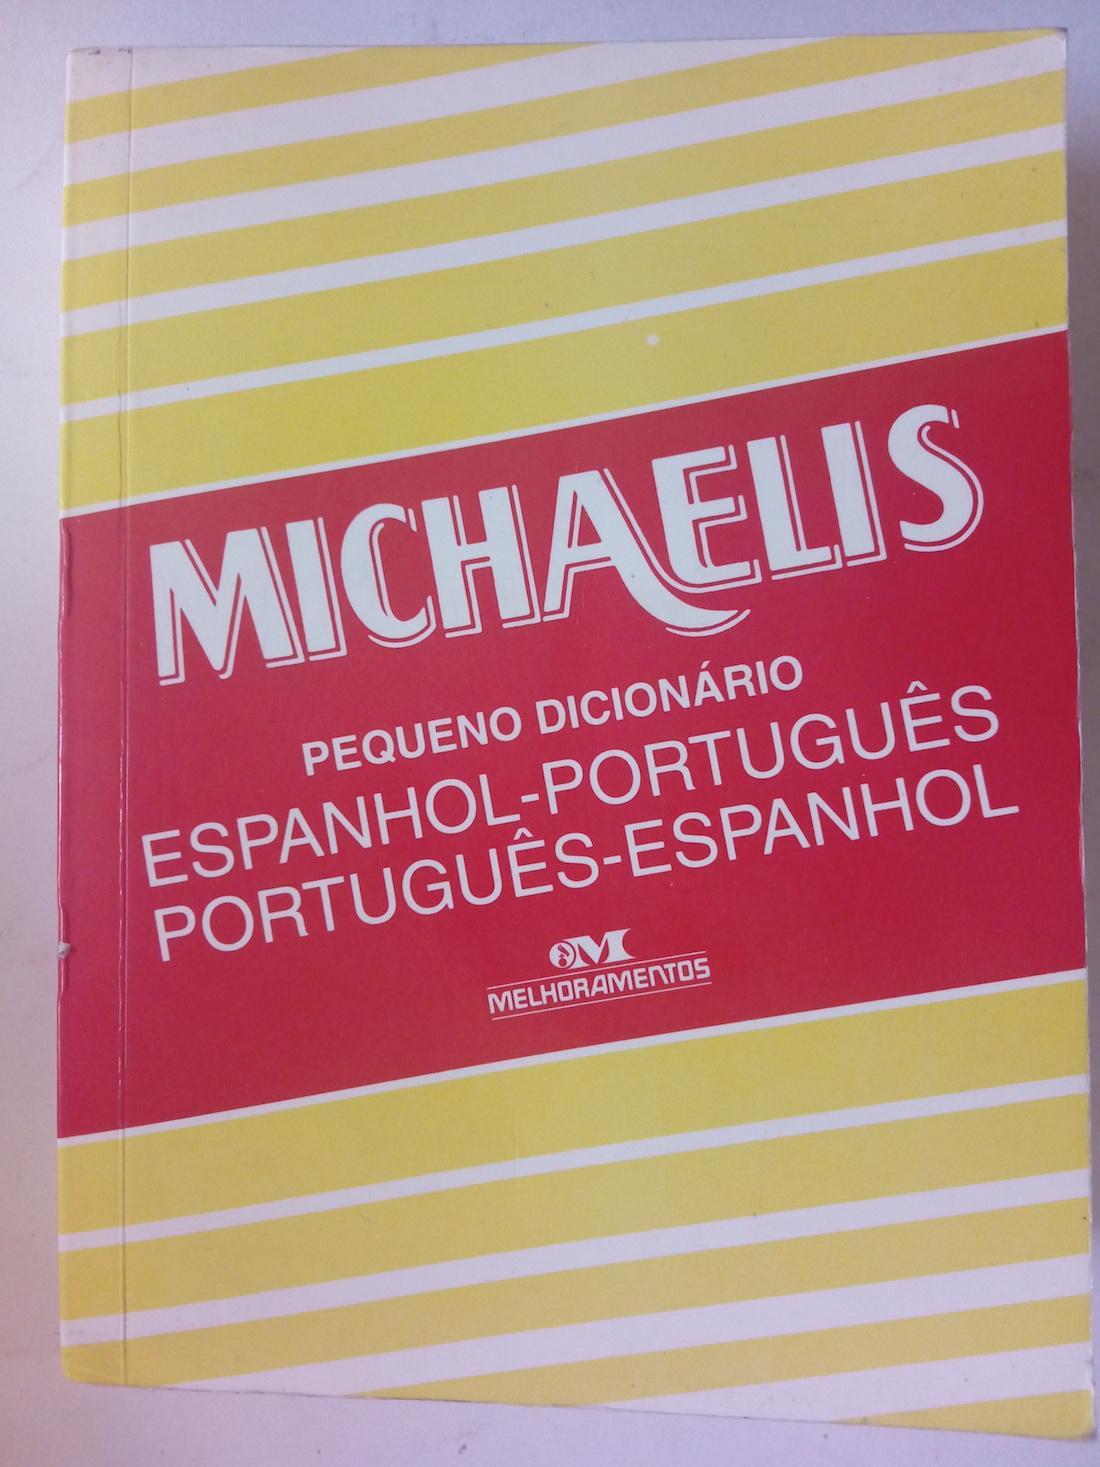 Michaelis pequeno dicionário espanhol-português português-espanhol - Helena B.C. Pereira